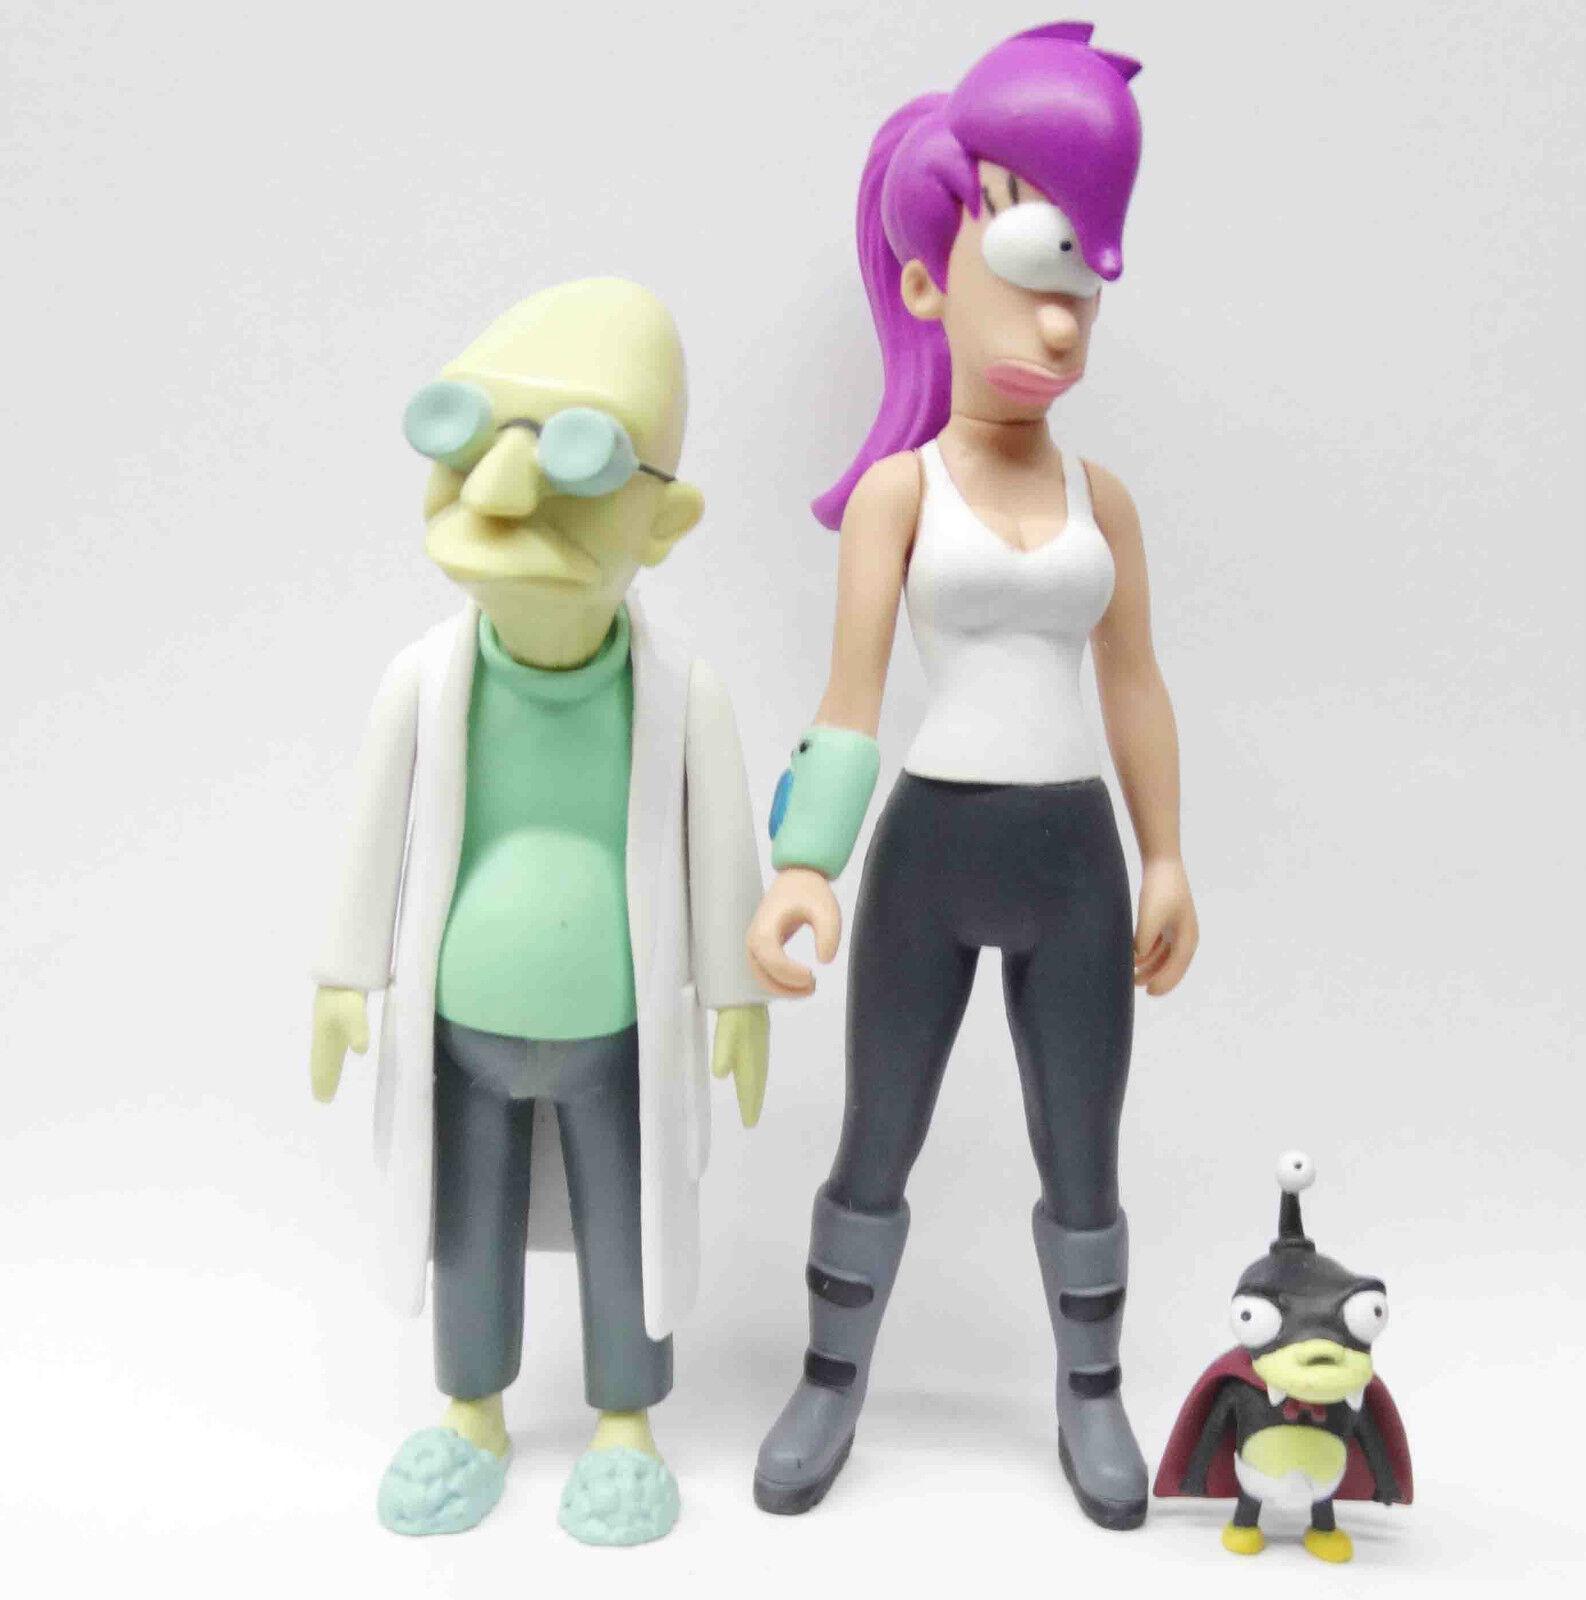 Toynami Futurama Leela PROFESOR FARNSWOR Nibbler Kidrobot action figure rare